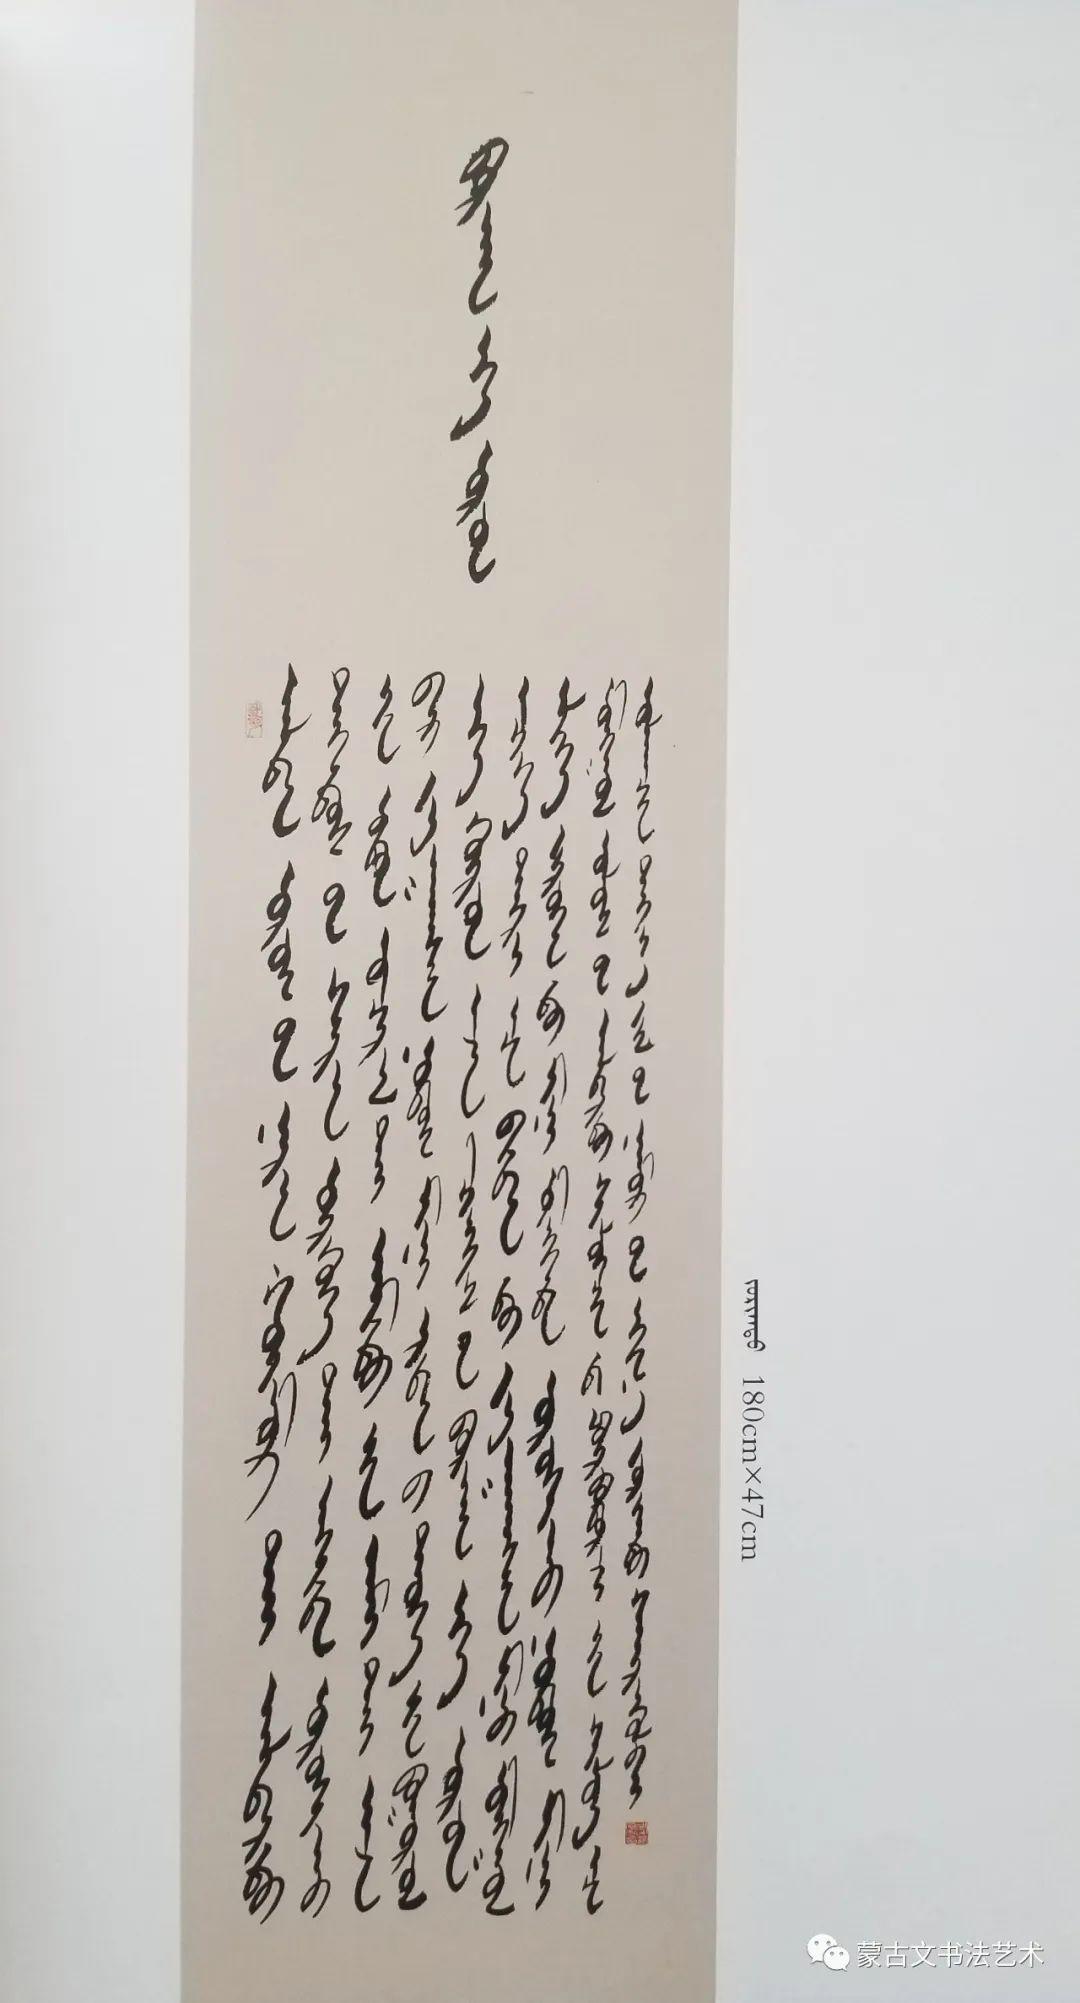 蒙古文书法作品集 第14张 蒙古文书法作品集 蒙古书法